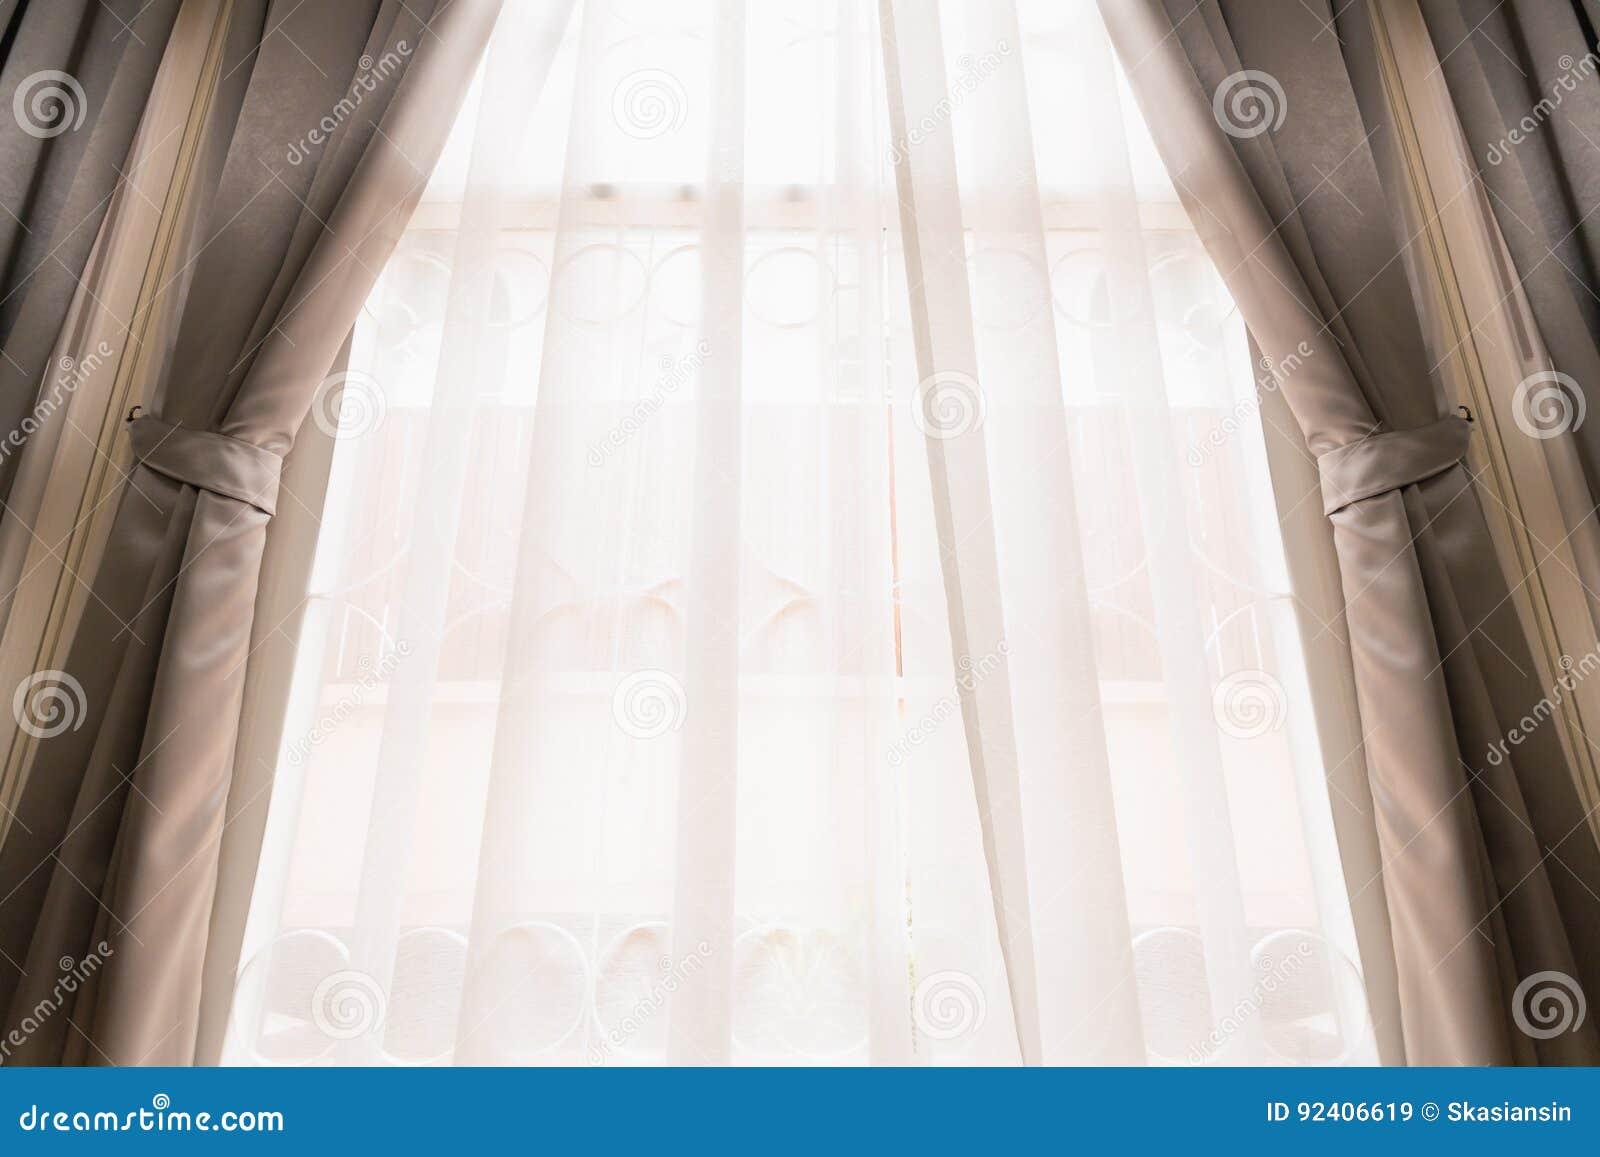 Gordijn op venster